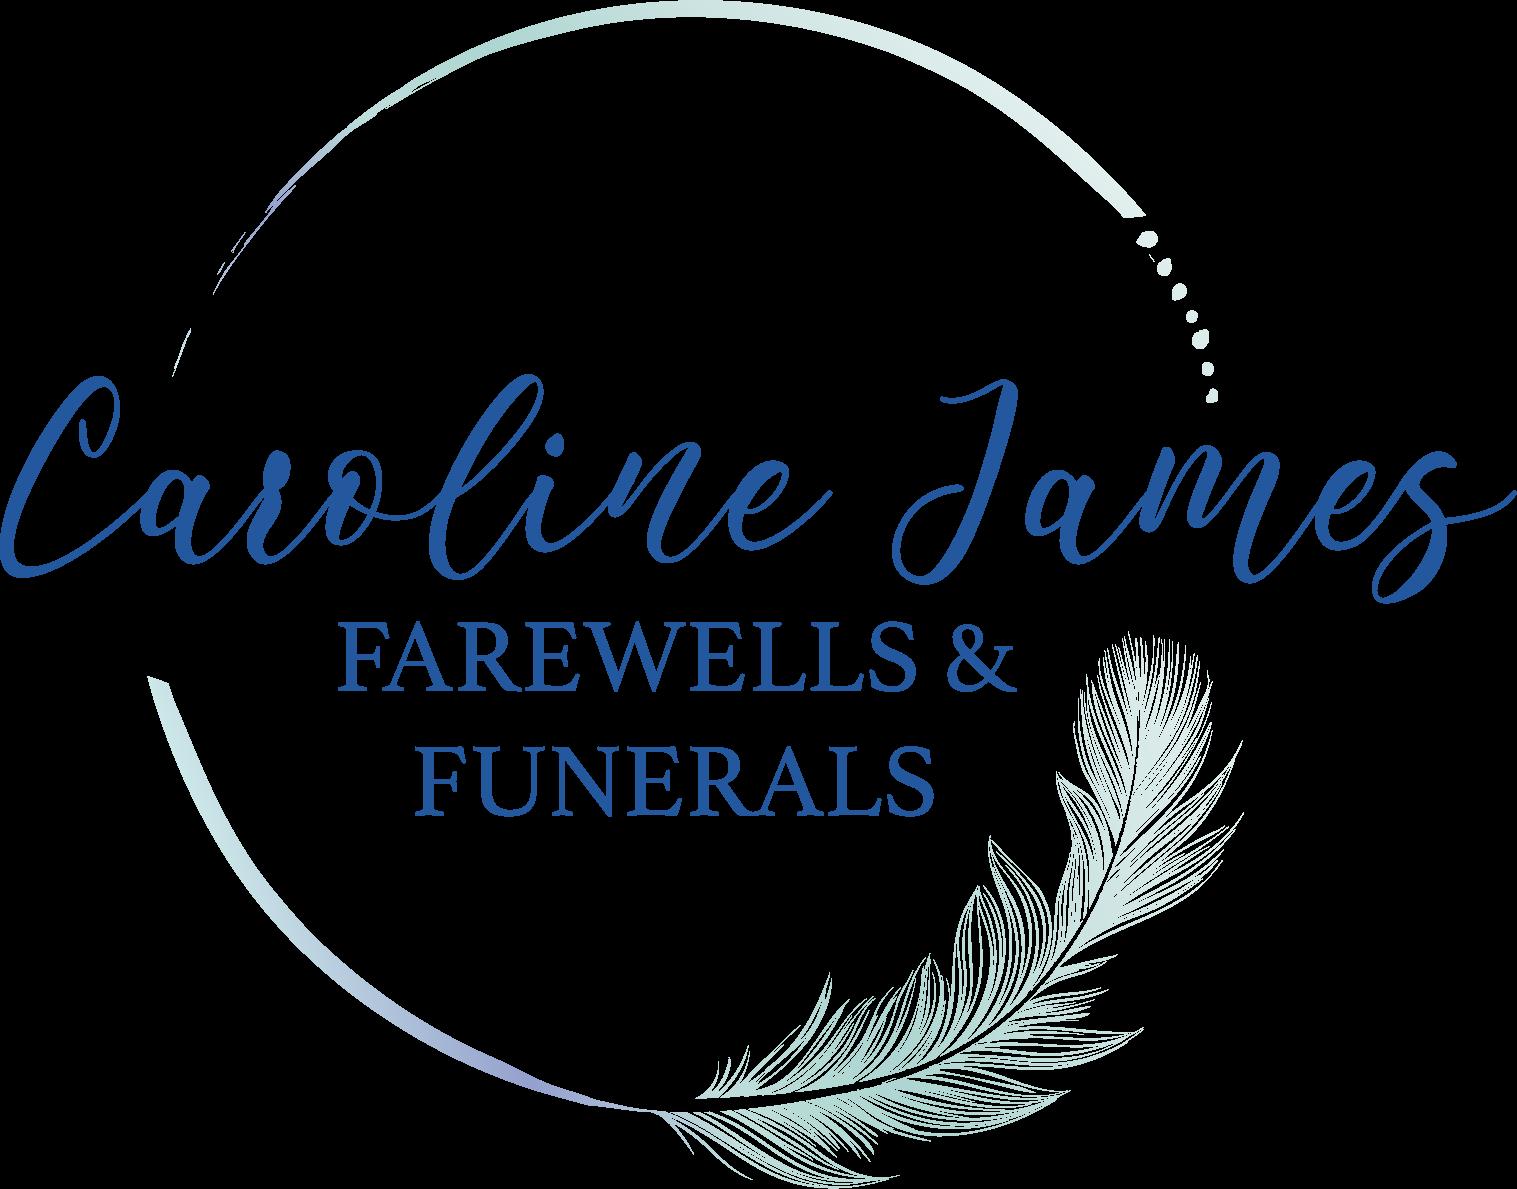 Caroline James Funerals